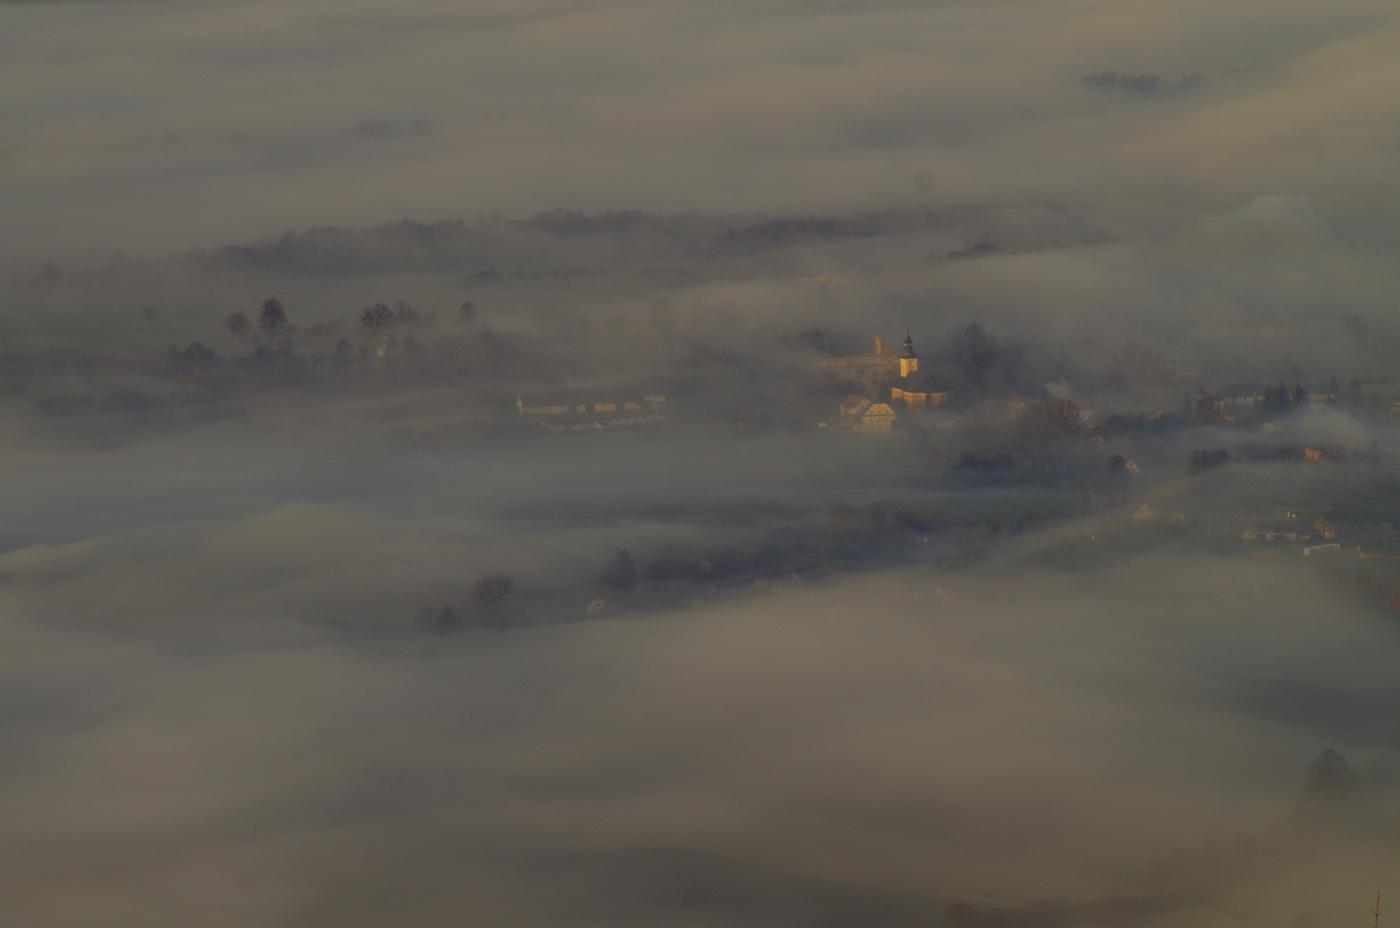 Klimat Kotliny - wies Wilkanów we mgle